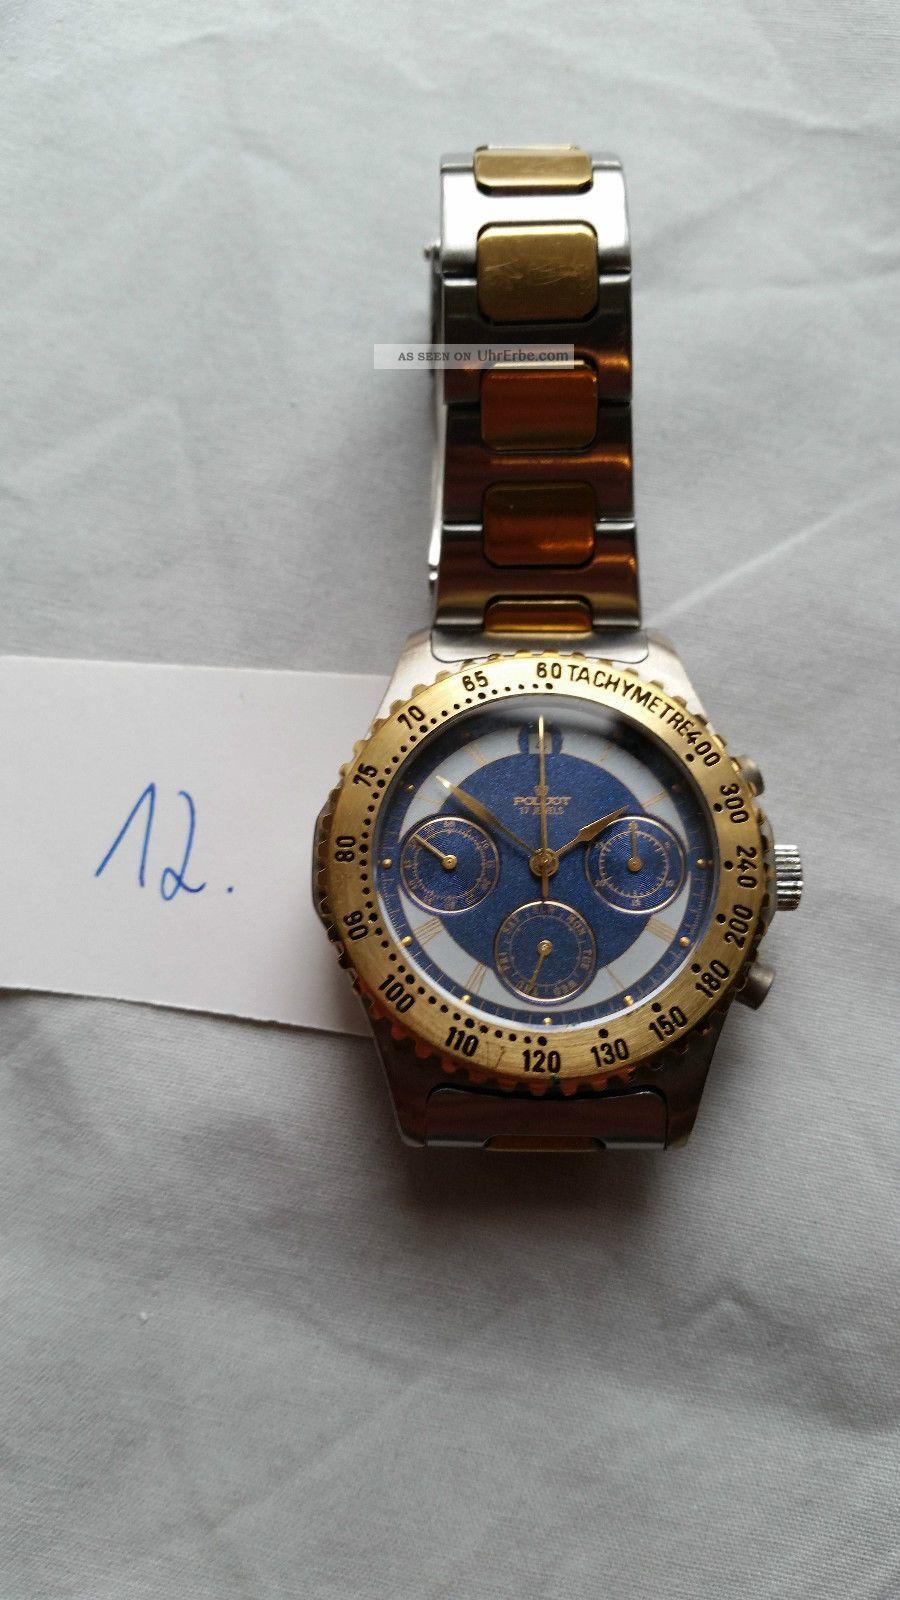 Poljot Russland Chronograph MilitÄr Handaufzug Cal.  3133 (12) Armbanduhren Bild